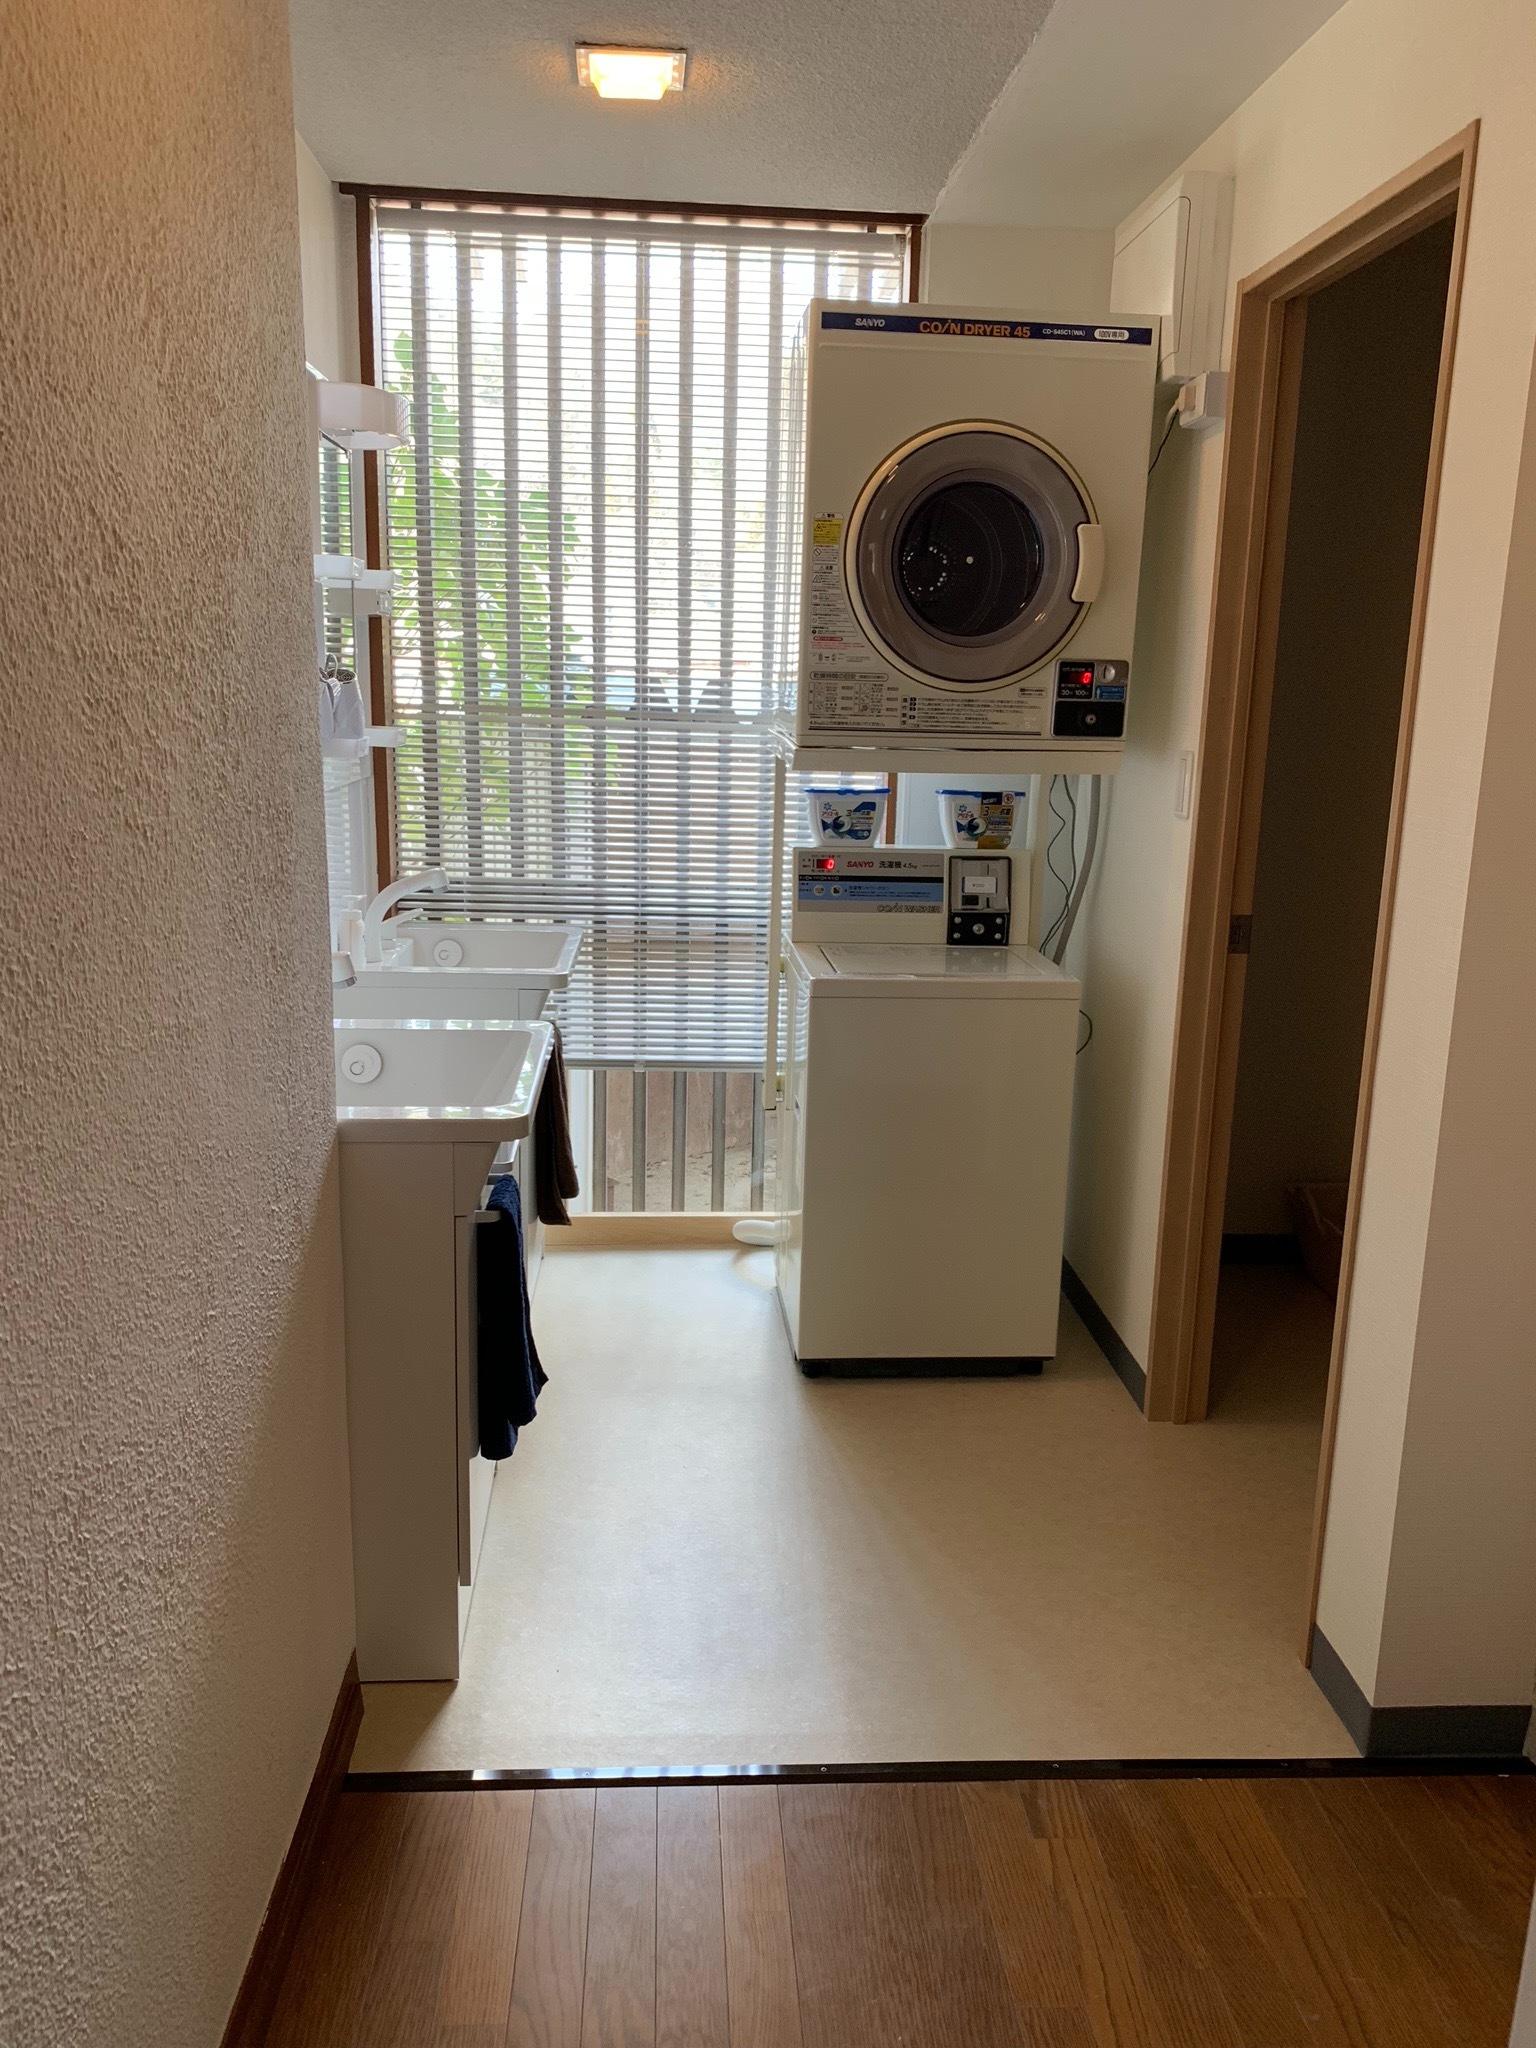 コイン式洗濯機、コイン式乾燥機